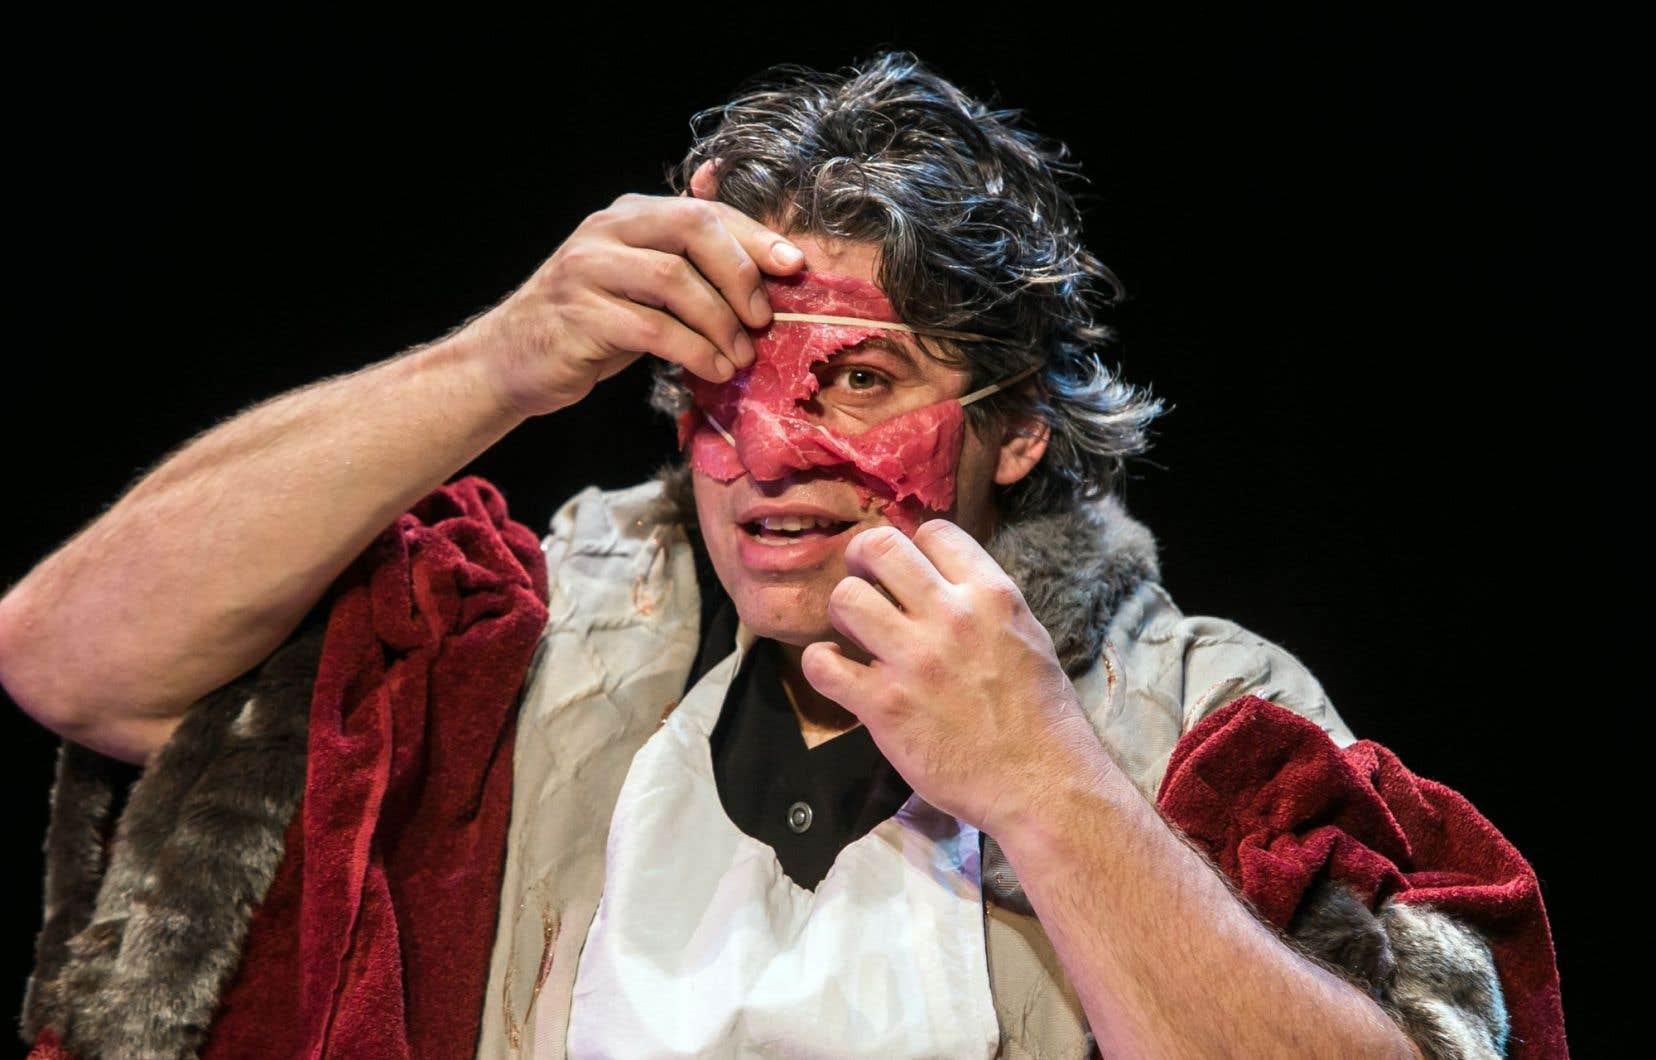 Si différents objets servent le propos de l'artiste tout au long de la pièce, la viande est un personnage important dans «Richard III».